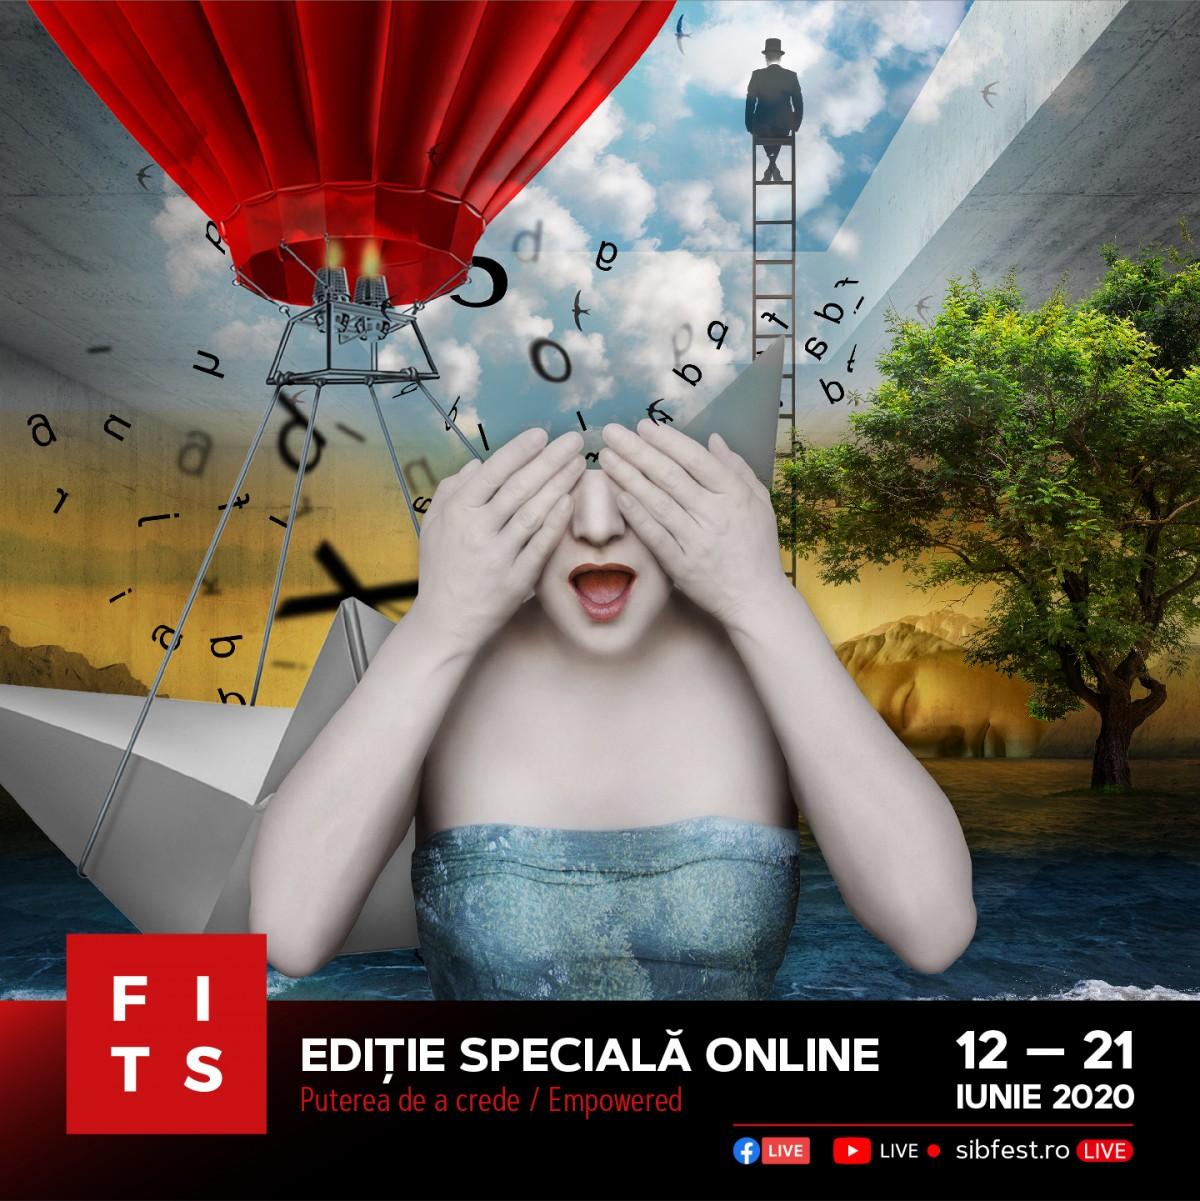 Ediție Specială FITS #online Puterea de a crede - Empowered 12 - 21 iunie 2020 .